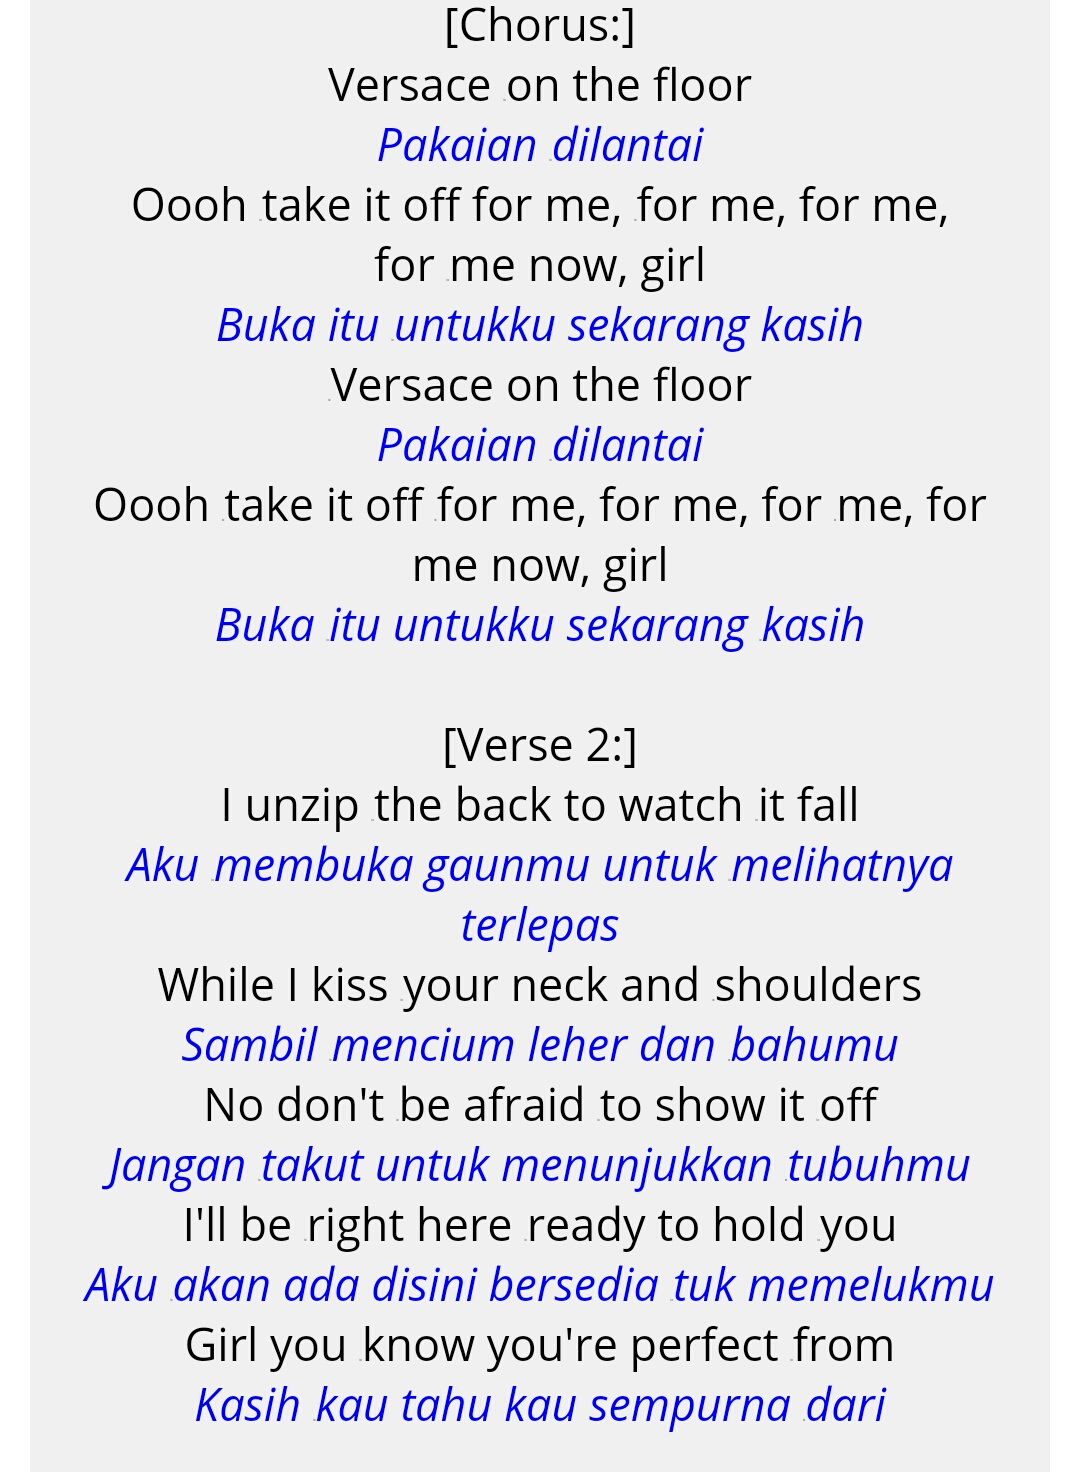 Lirik Lagu Versace On The Floor : lirik, versace, floor, Lirik, Versace, Floor, Milik, Bruno, Hanya, Tulisan, Numpang, Lewat, Entah, Penting, Tidak